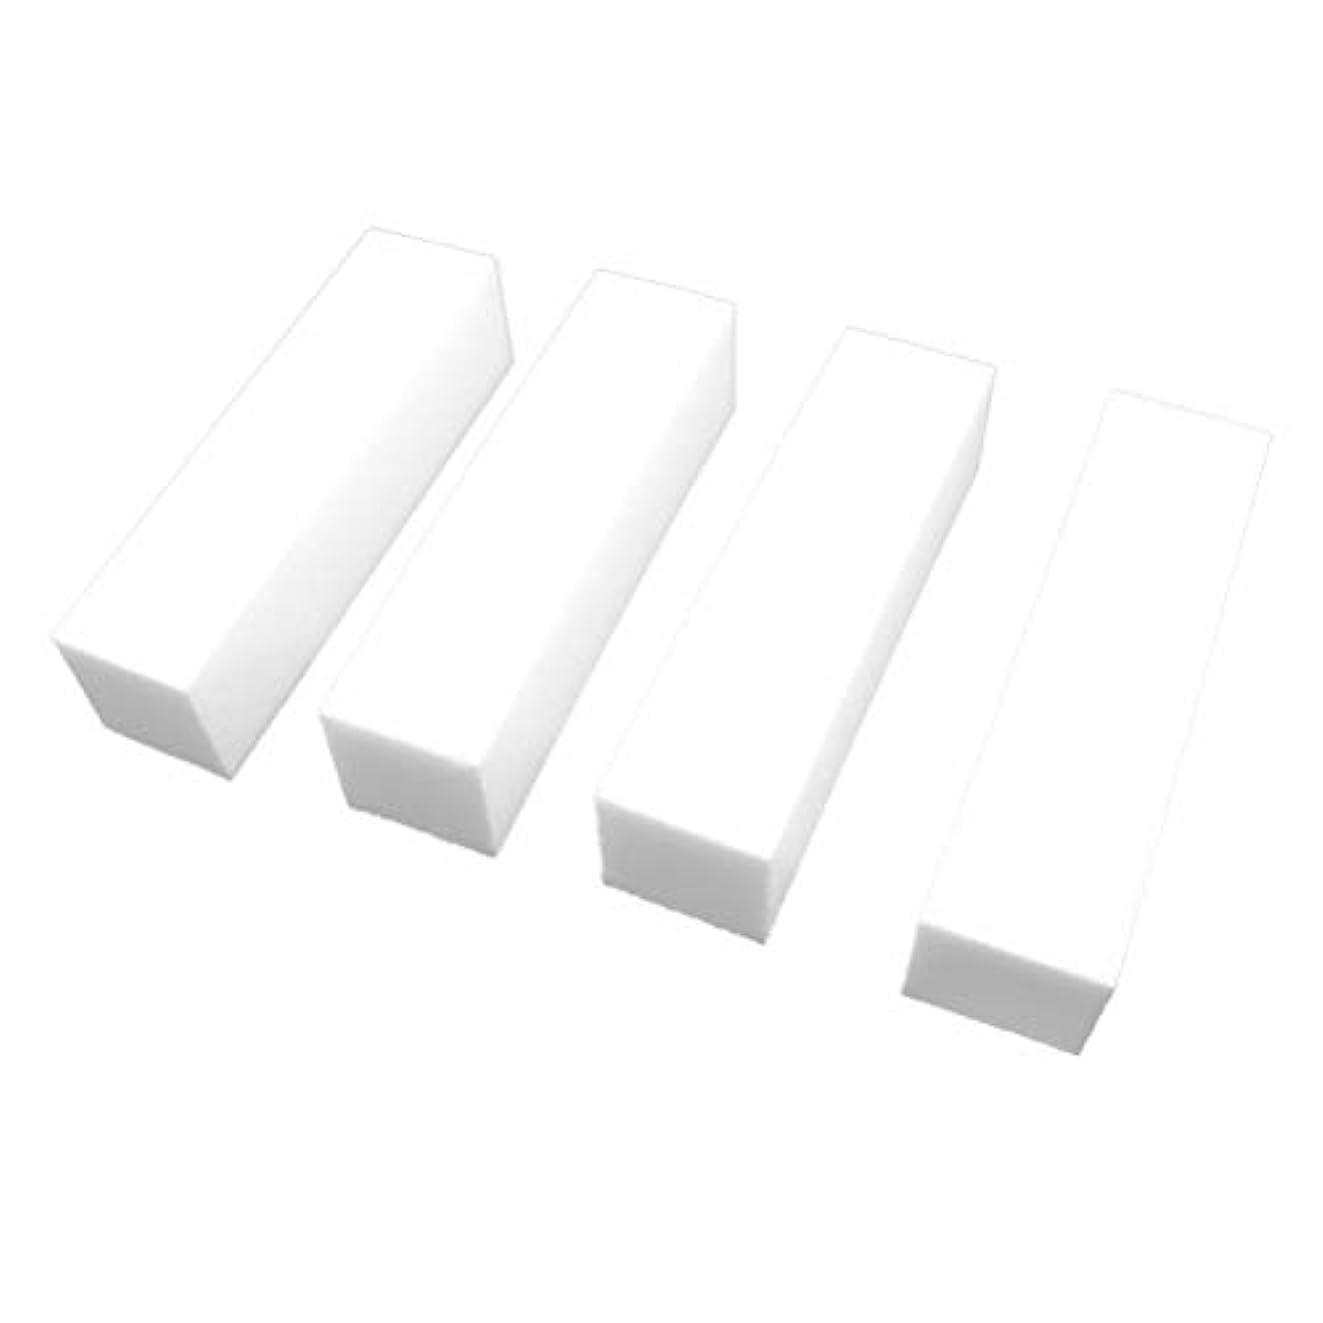 韓国疲労悪性のLurrose ネイルバッファーブロックホワイトサンディングブロックファイルネイルポリッシャーマニキュアツール